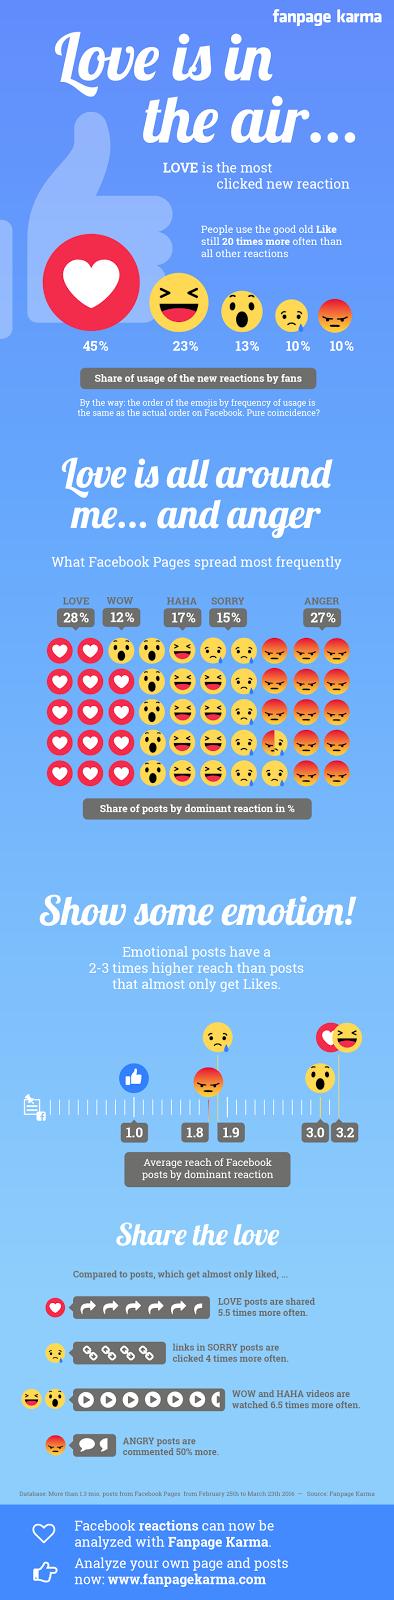 alcance-interacciones-reacciones-Facebook